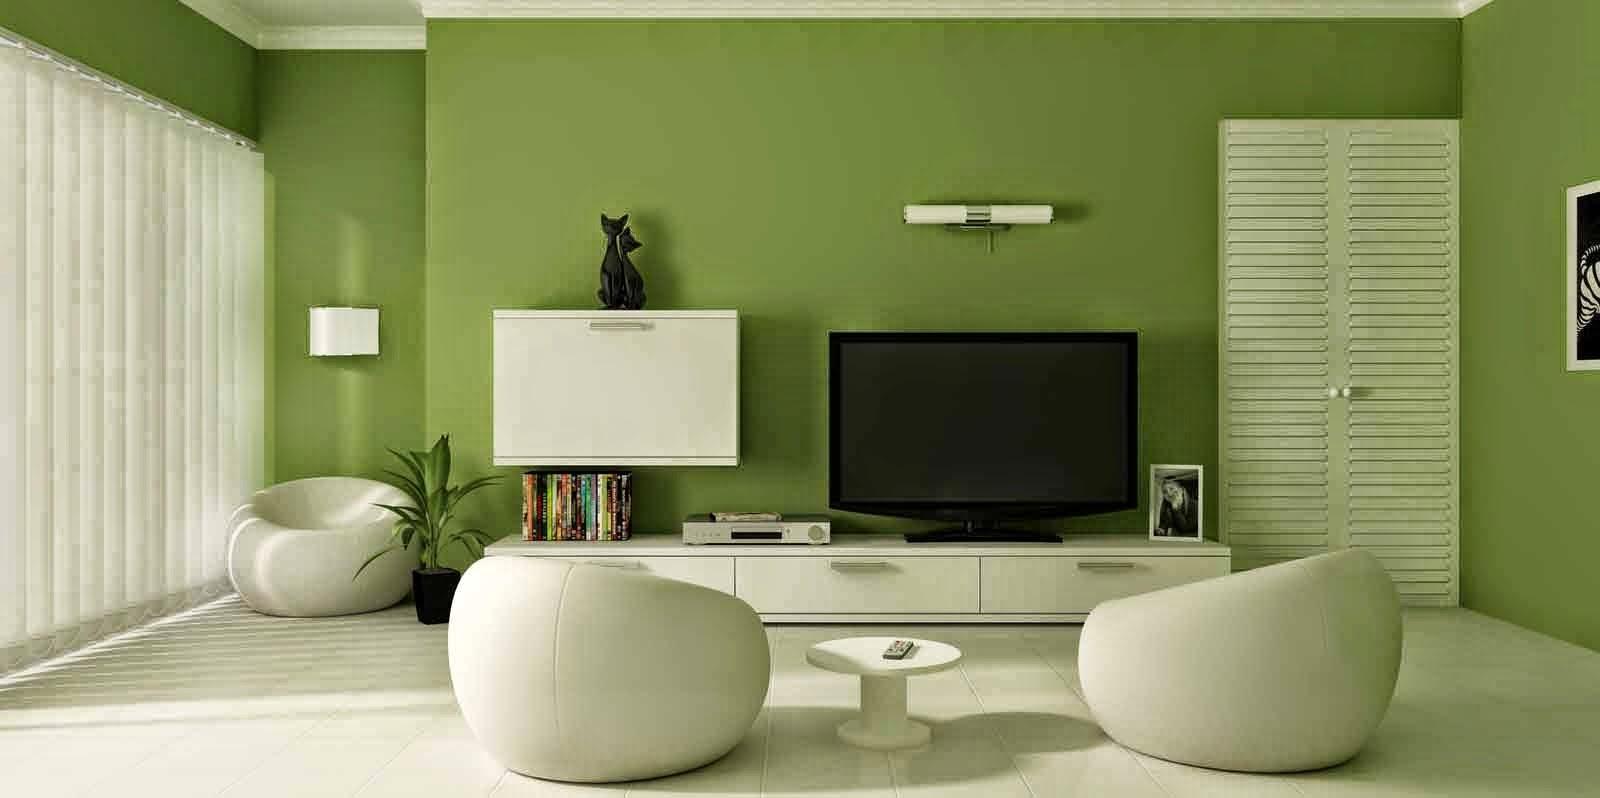 http://ruangantamu.blogspot.com/2014/12/warna-cat-pada-ruangan-tamu.html